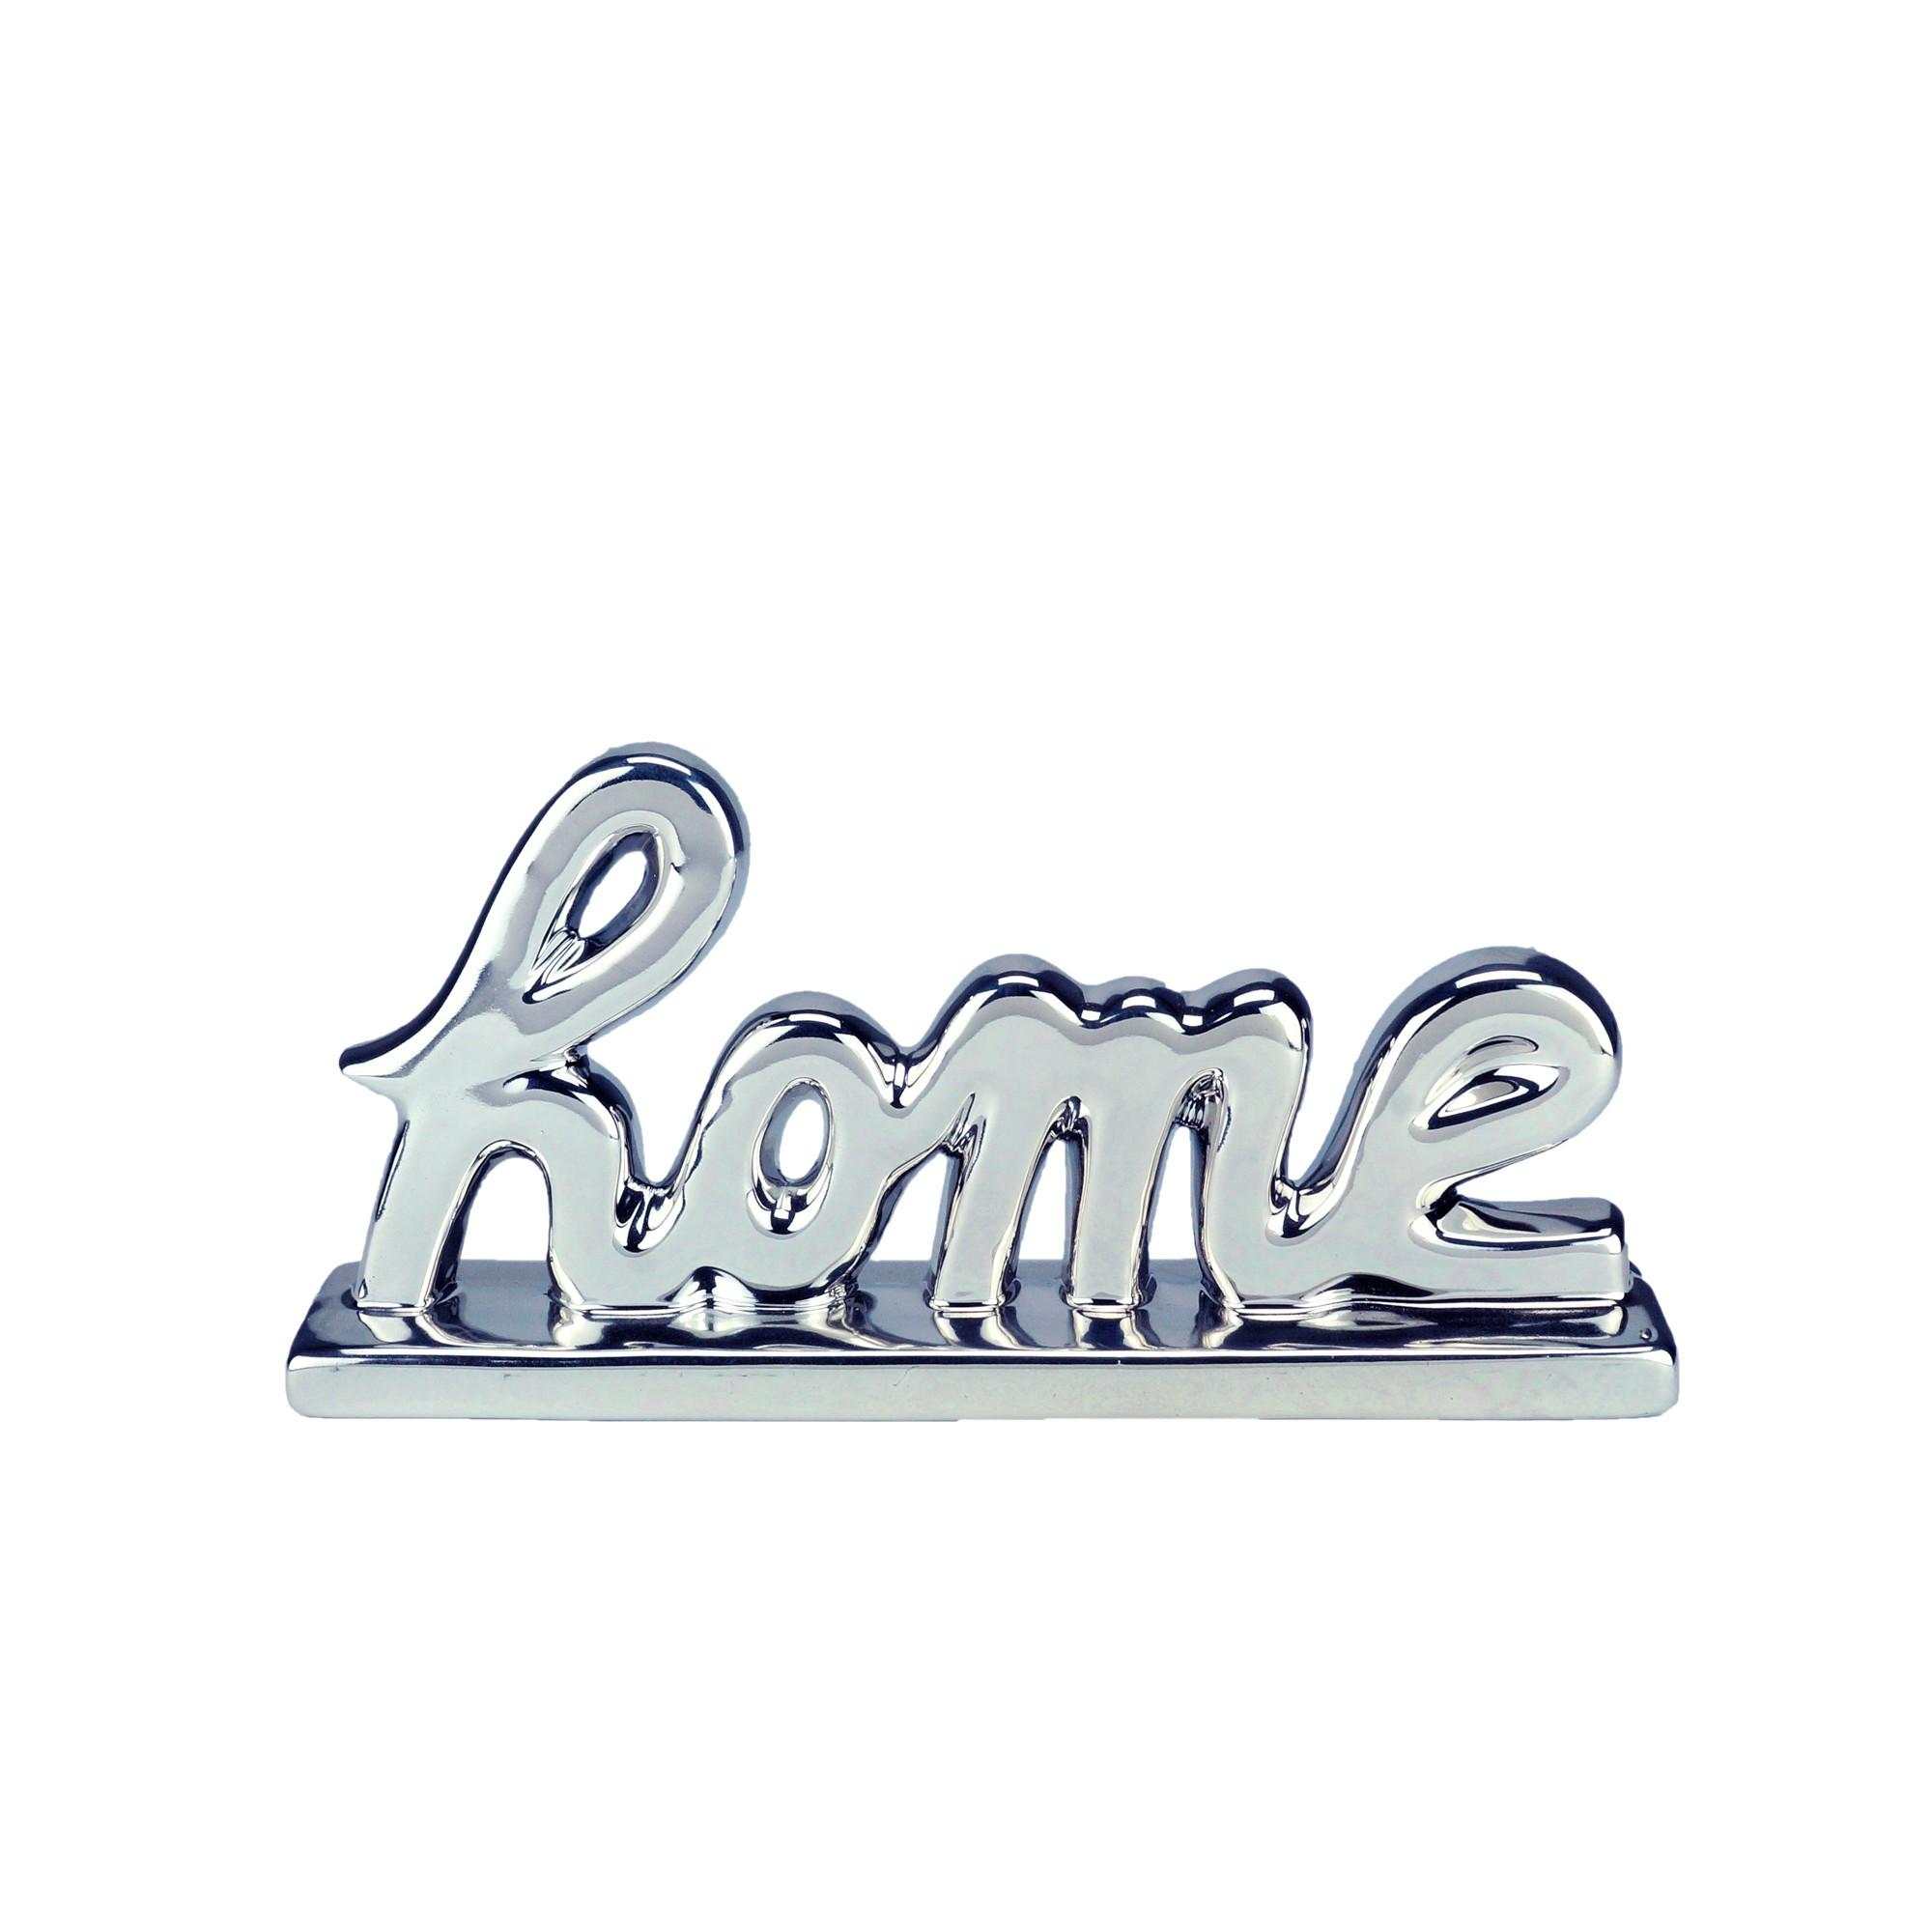 Enfeite Decorativo Porcelana Home 11cm Prata 44369 - Urban